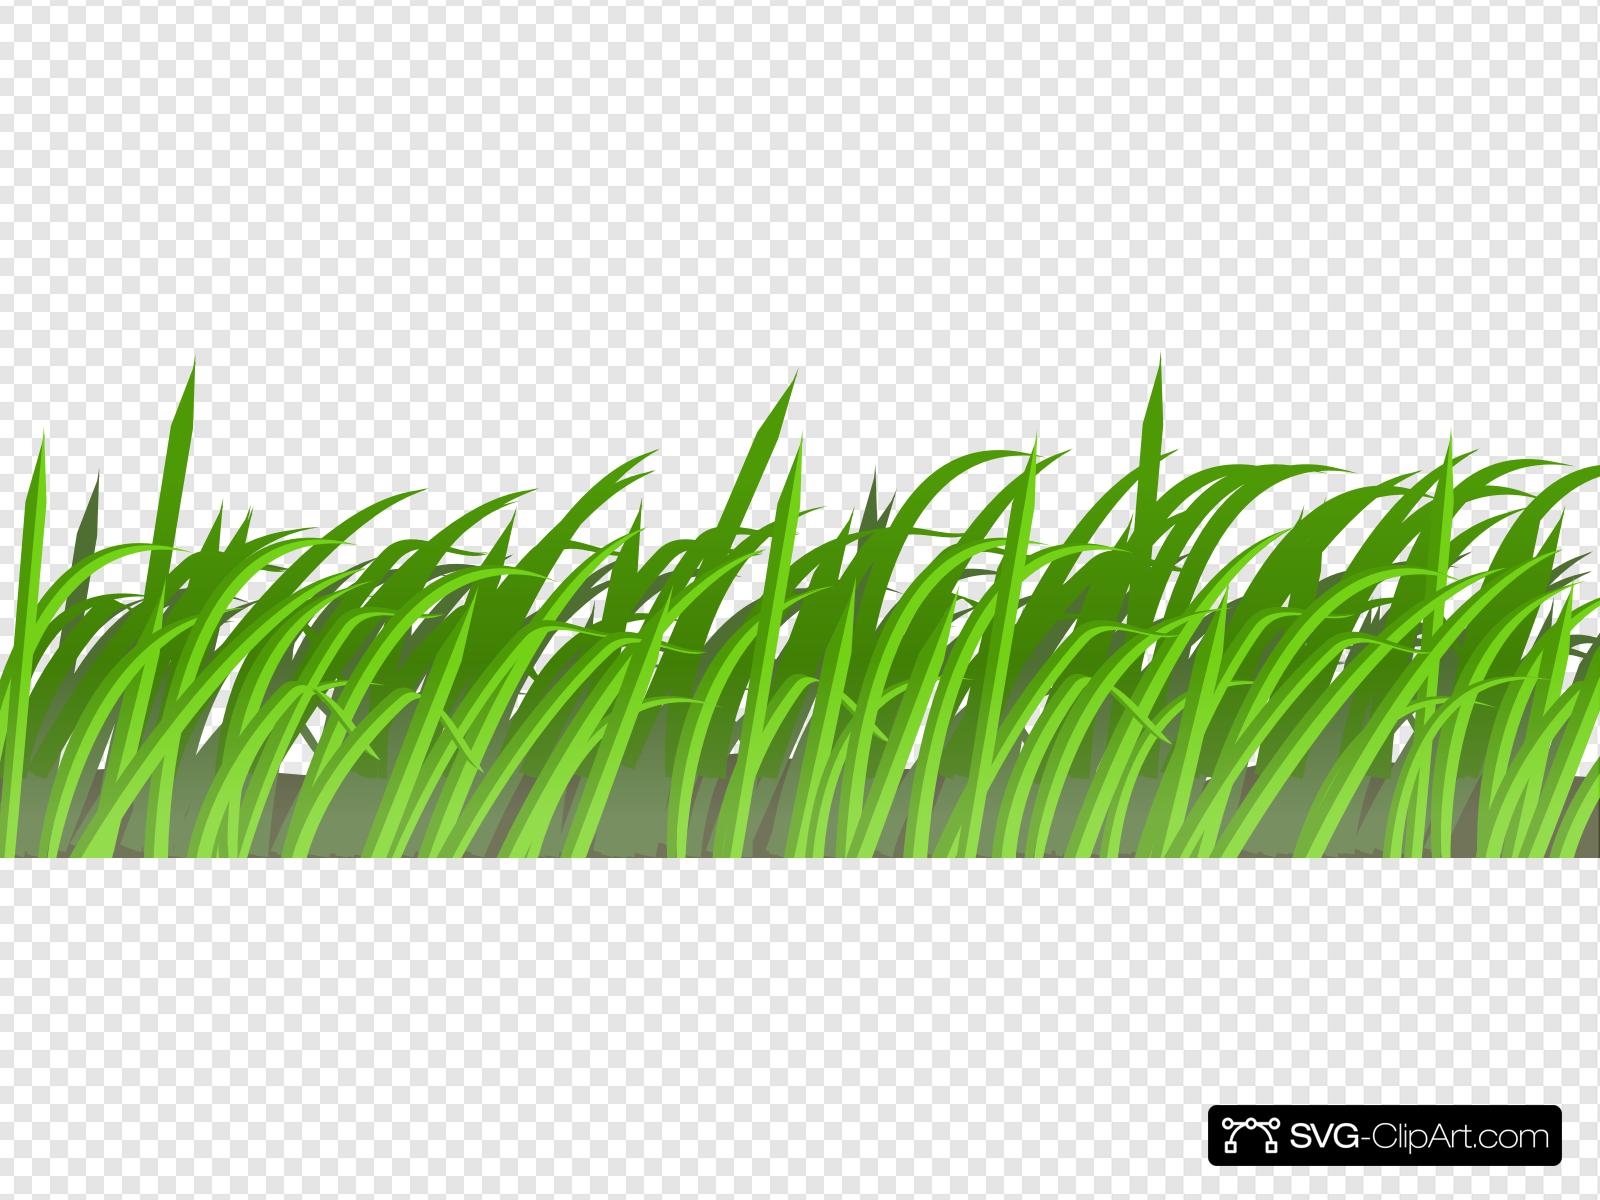 Grass patch clipart svg transparent Grass Patch Clip art, Icon and SVG - SVG Clipart svg transparent